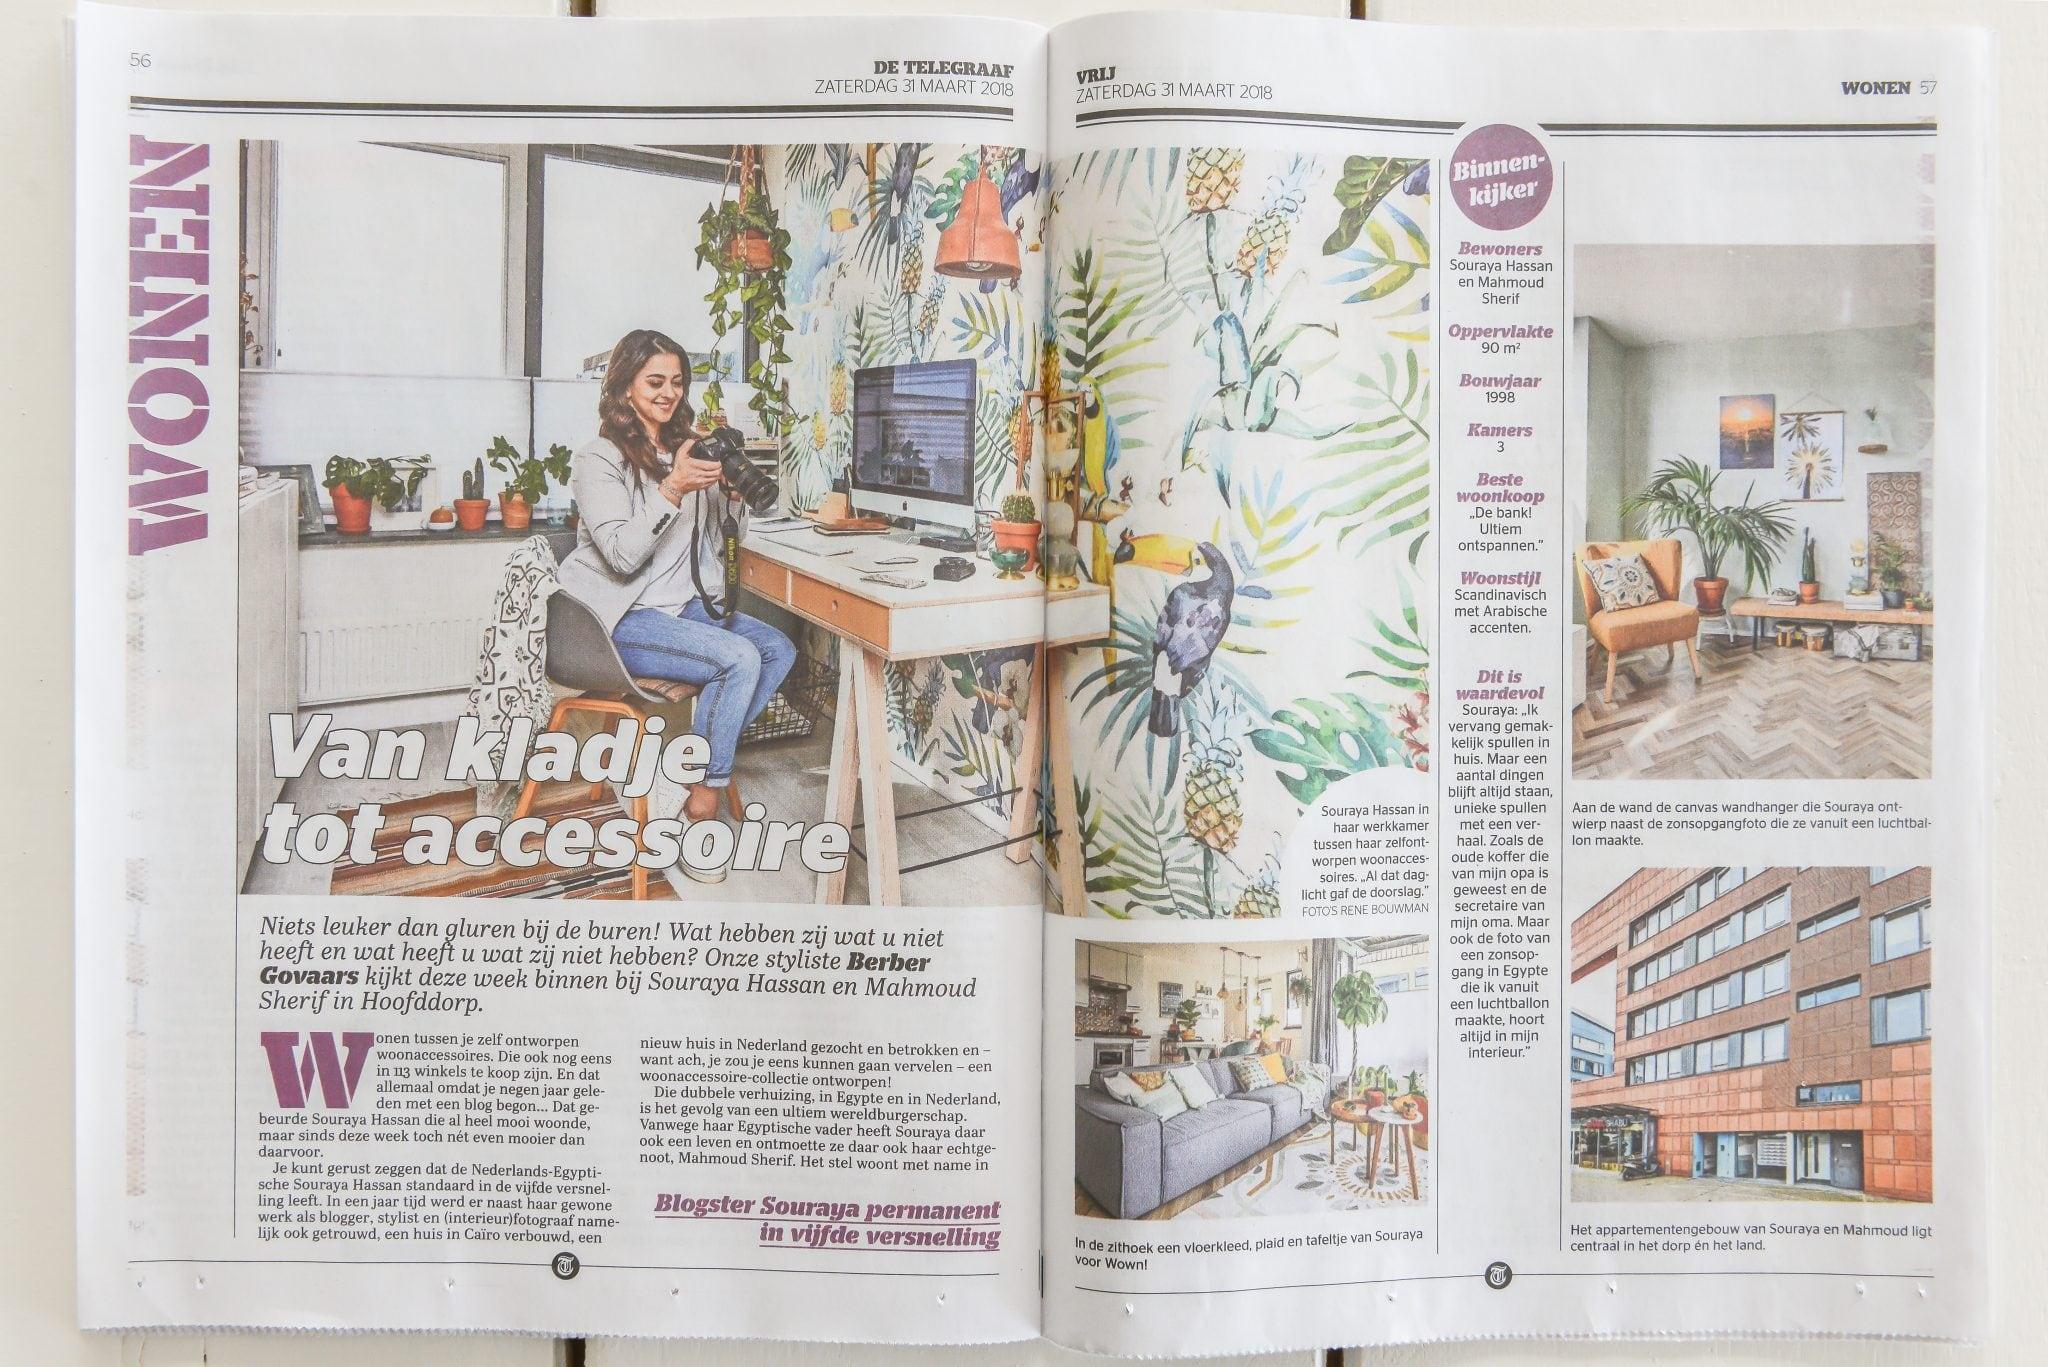 Binnenkijken inspiratie Telegraaf Vrij magazine Blogger stylist ©BintiHome